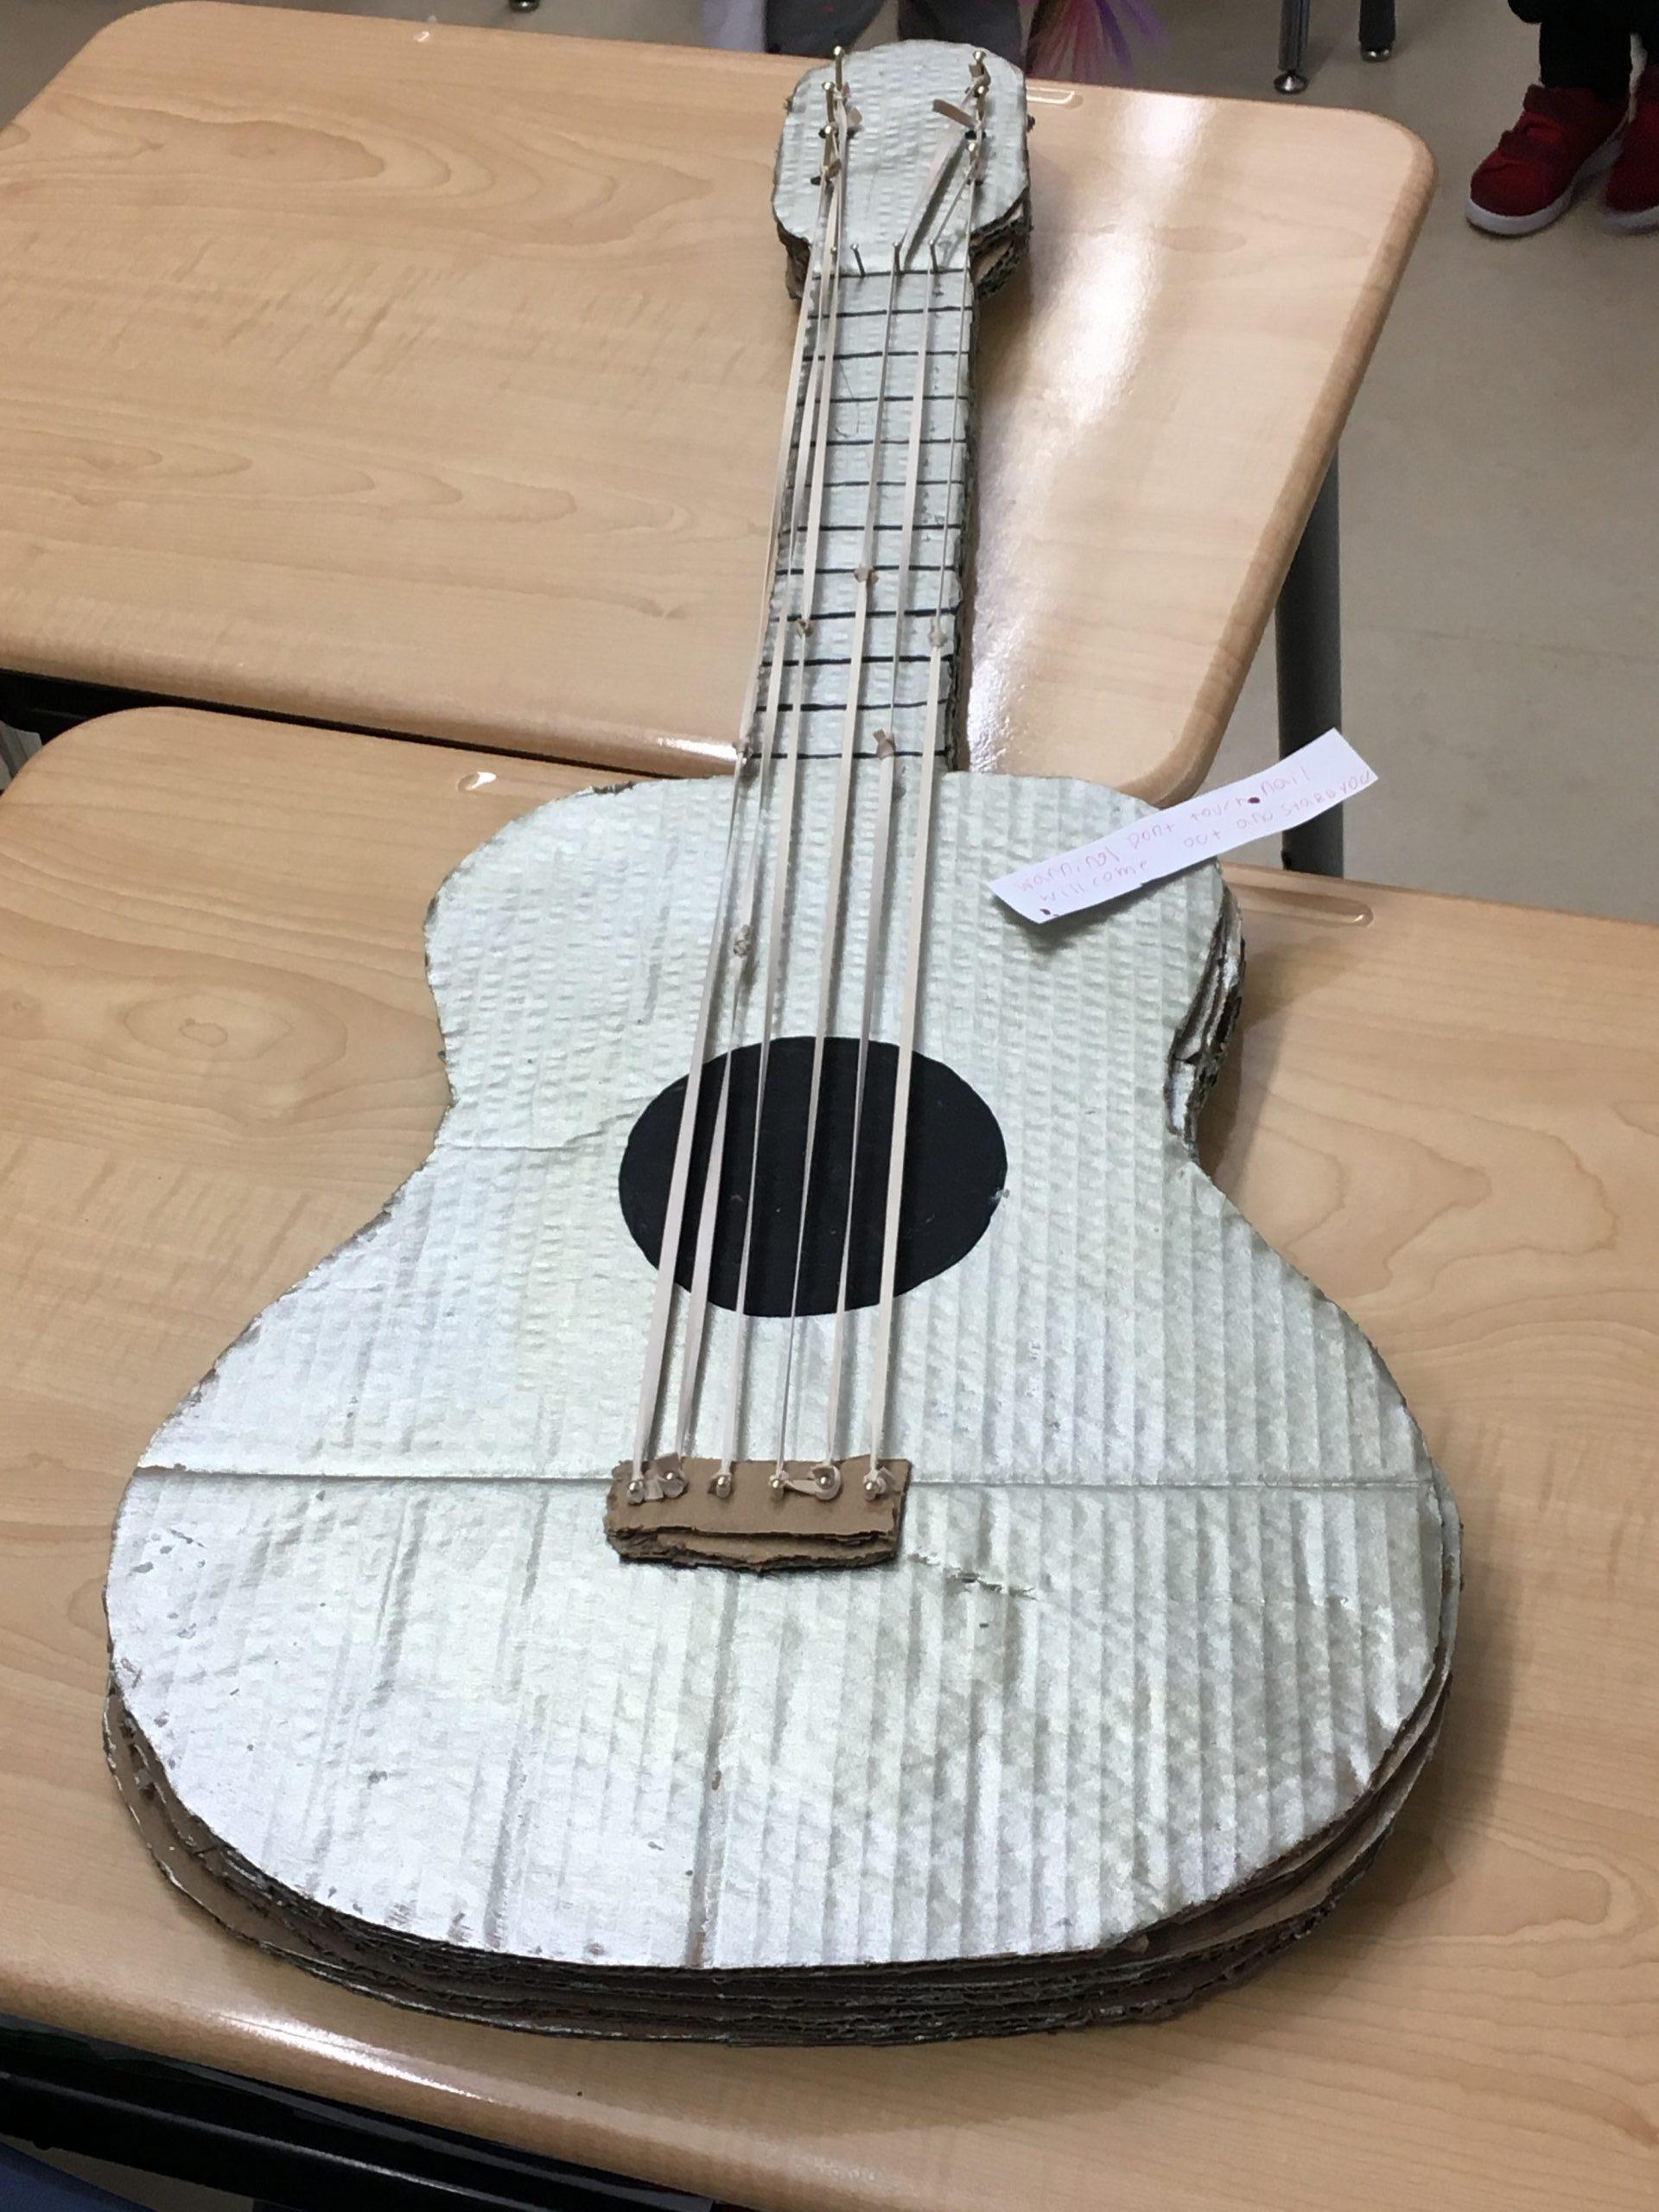 MMT guitar